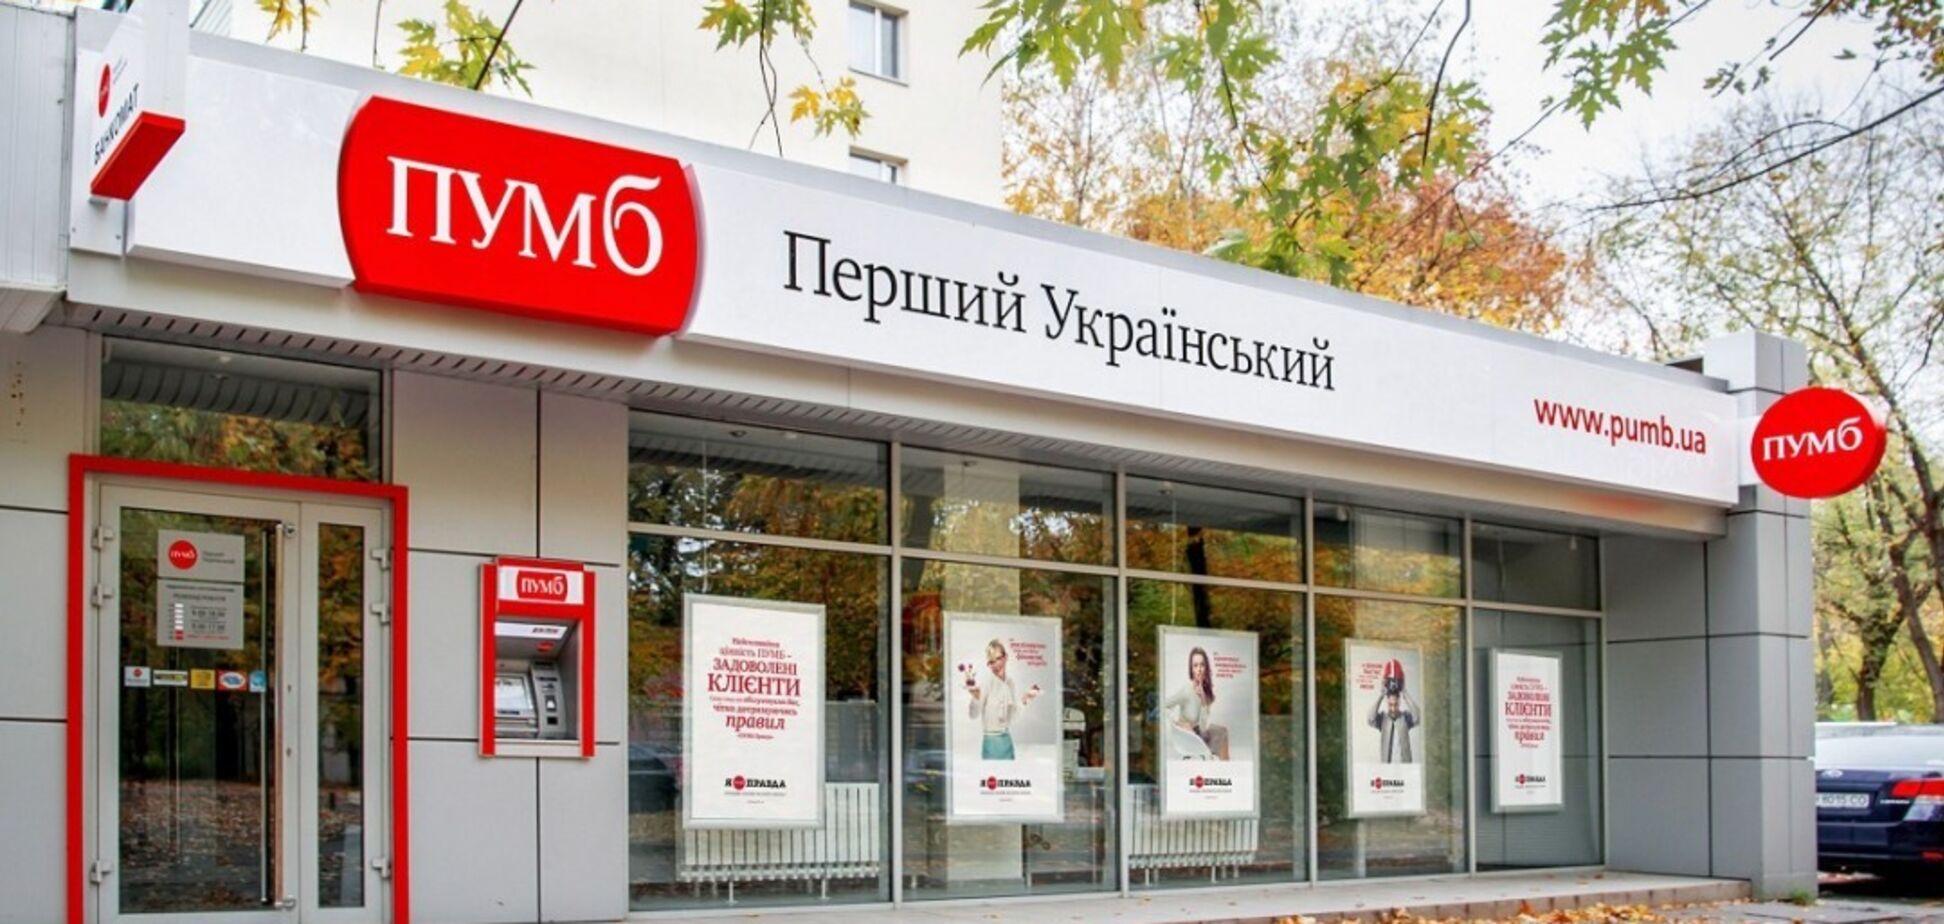 Українці зможуть відкрити рахунок у банку через Дію: як це працюватиме